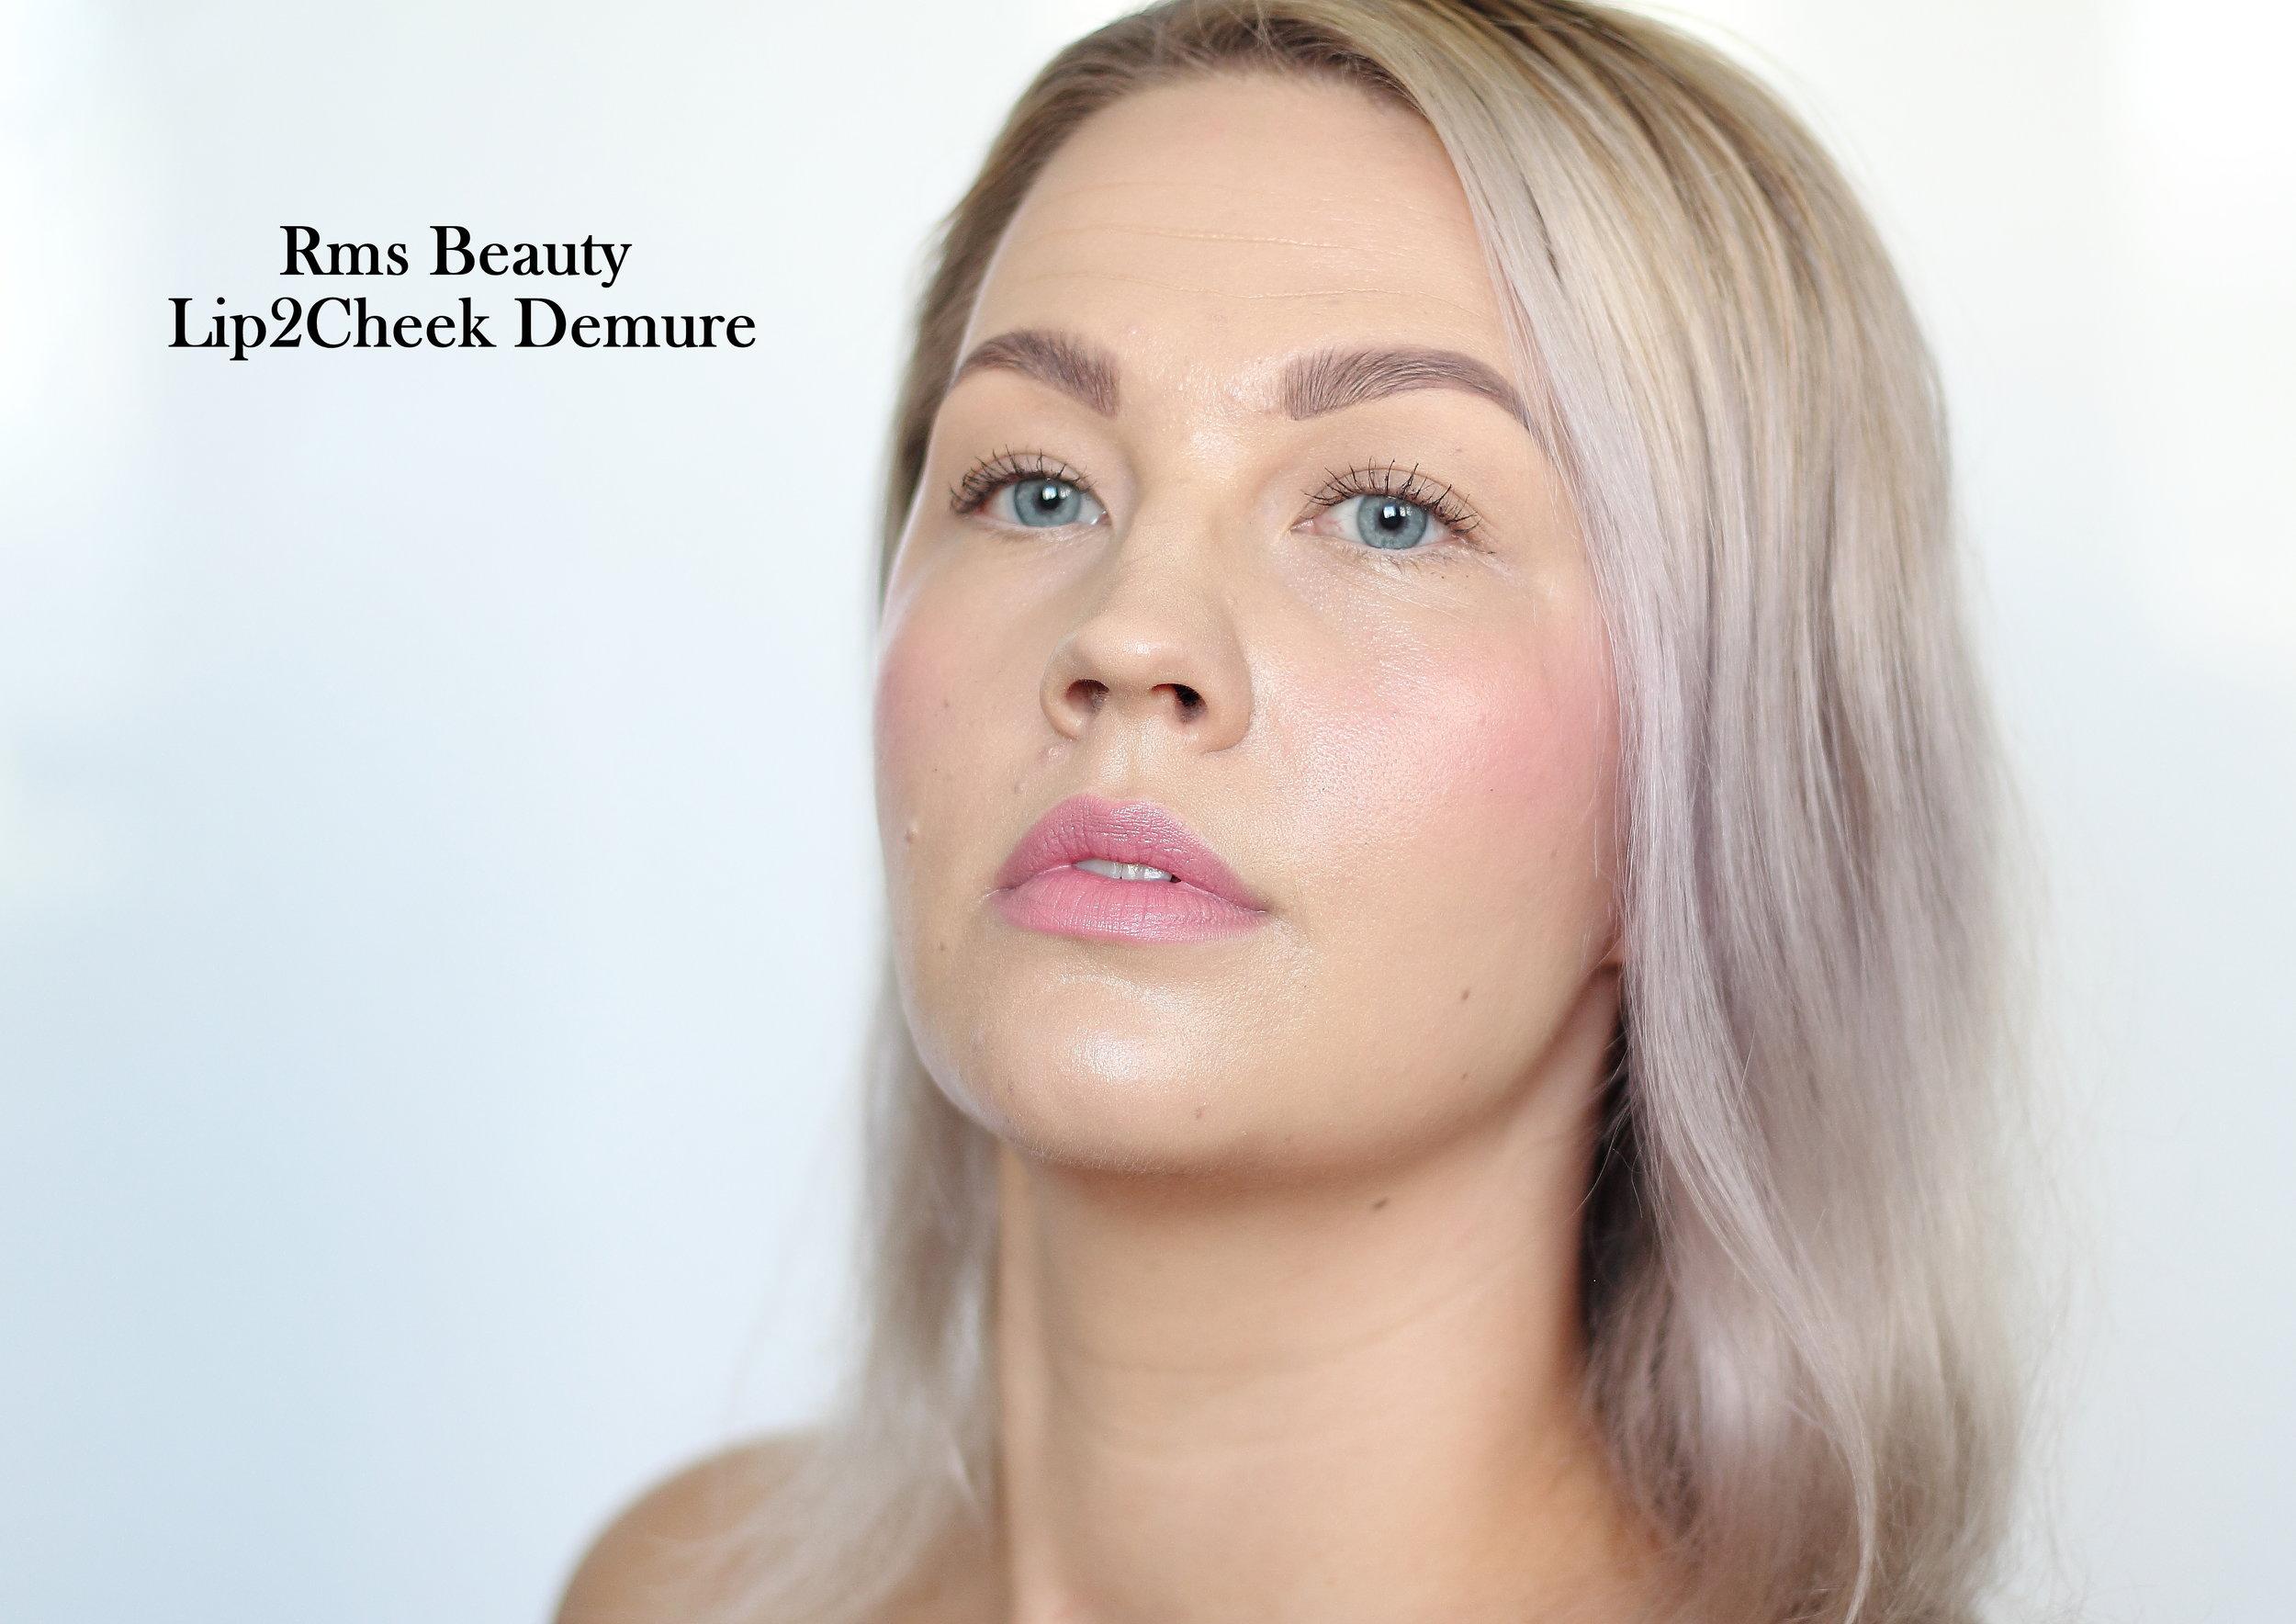 rms-beauty-lip-2-cheek-demure.JPG